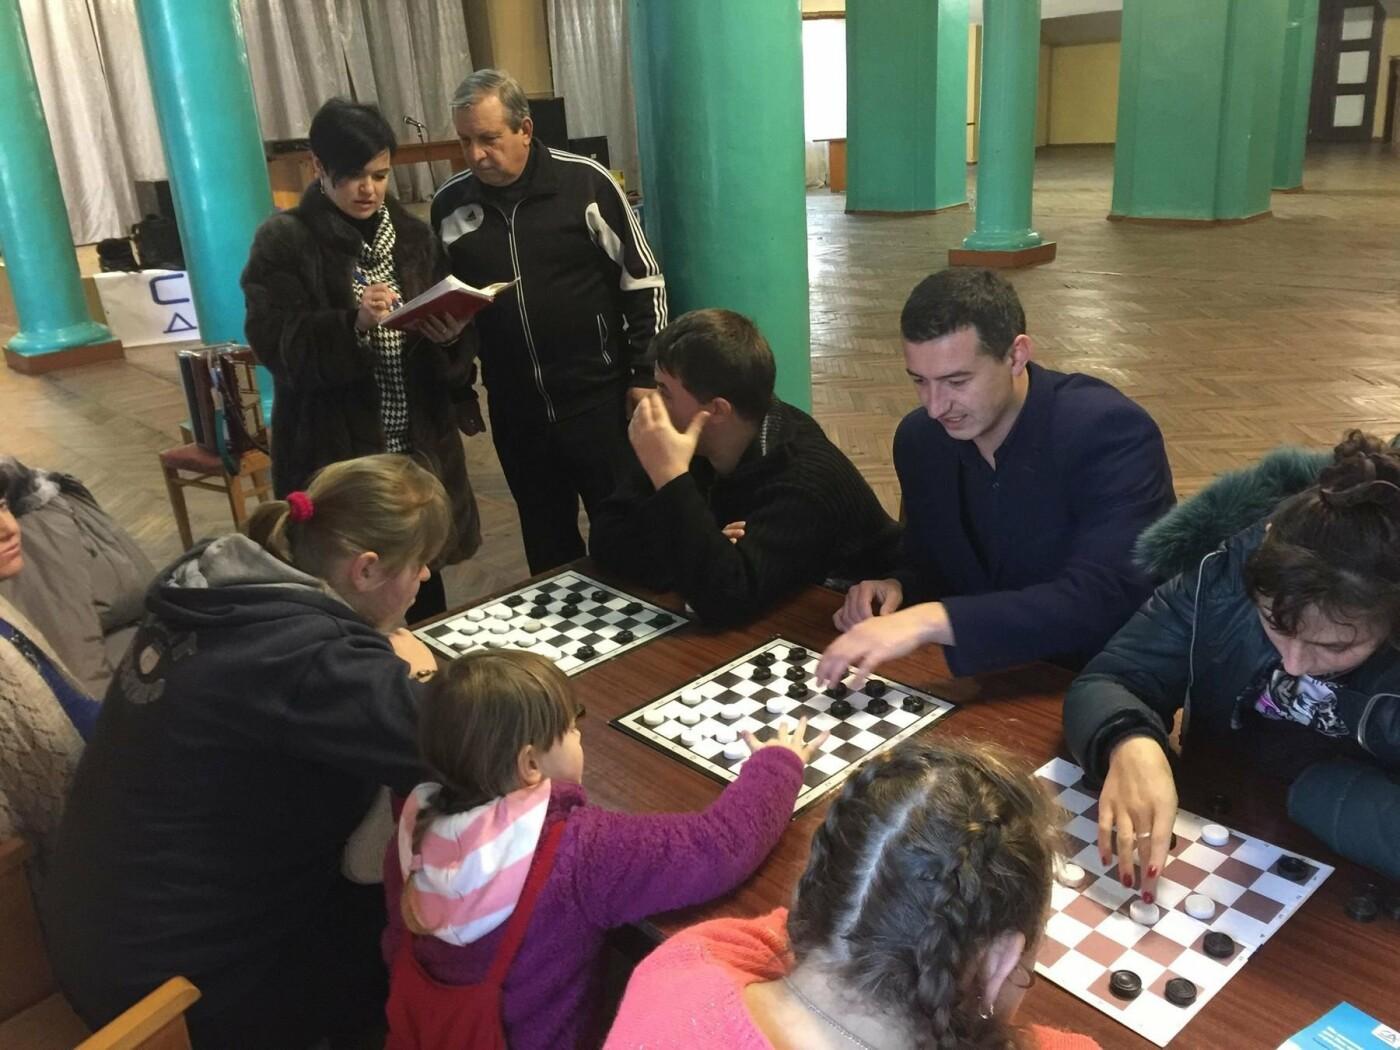 У Новограді-Волинському відбувся фізкультурно-оздоровчий захід до Міжнародного дня осіб з інвалідністю, фото-3